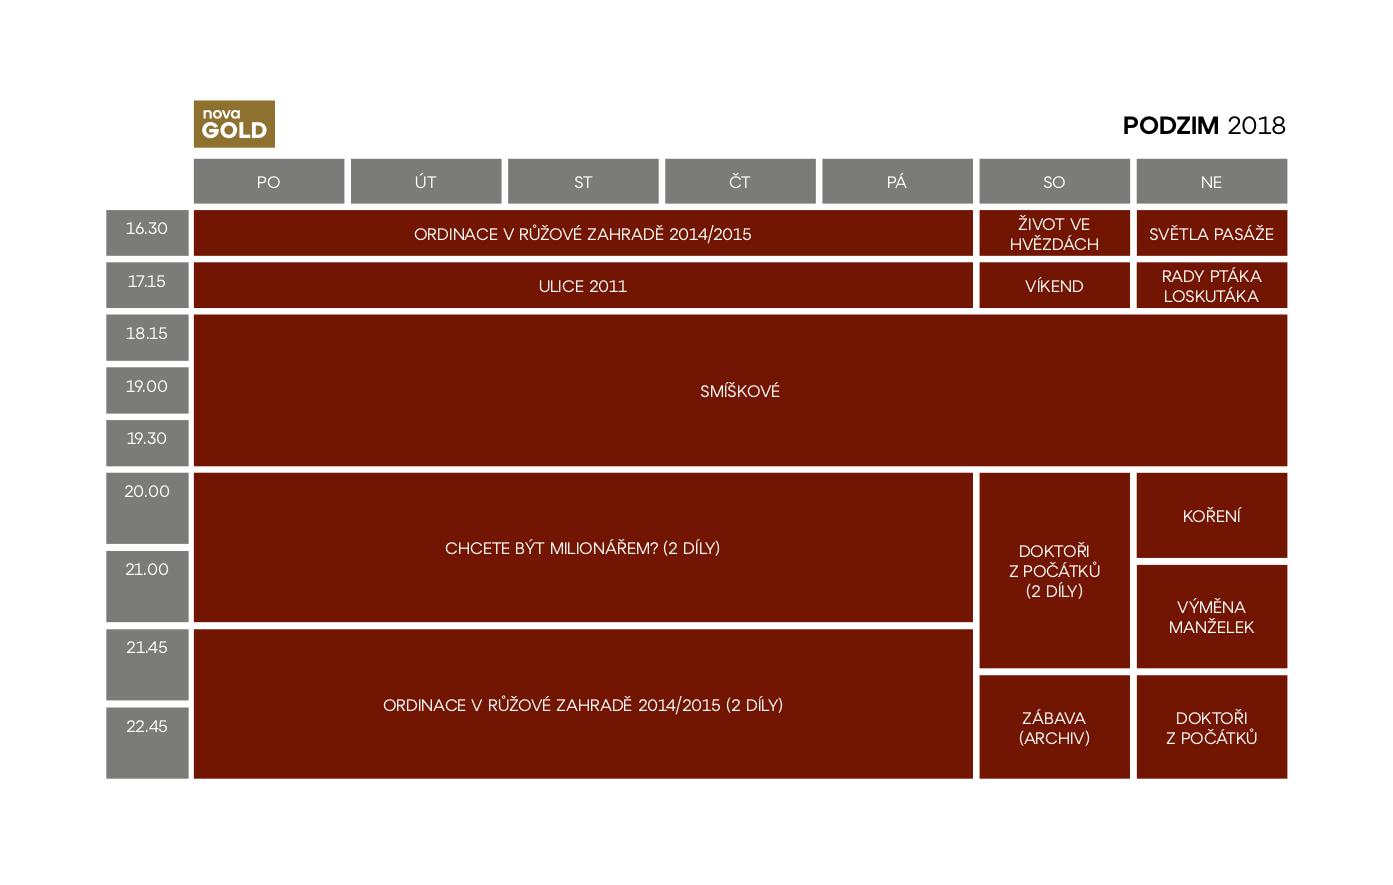 Programové schéma kanálu Nova Gold, podzim 2018